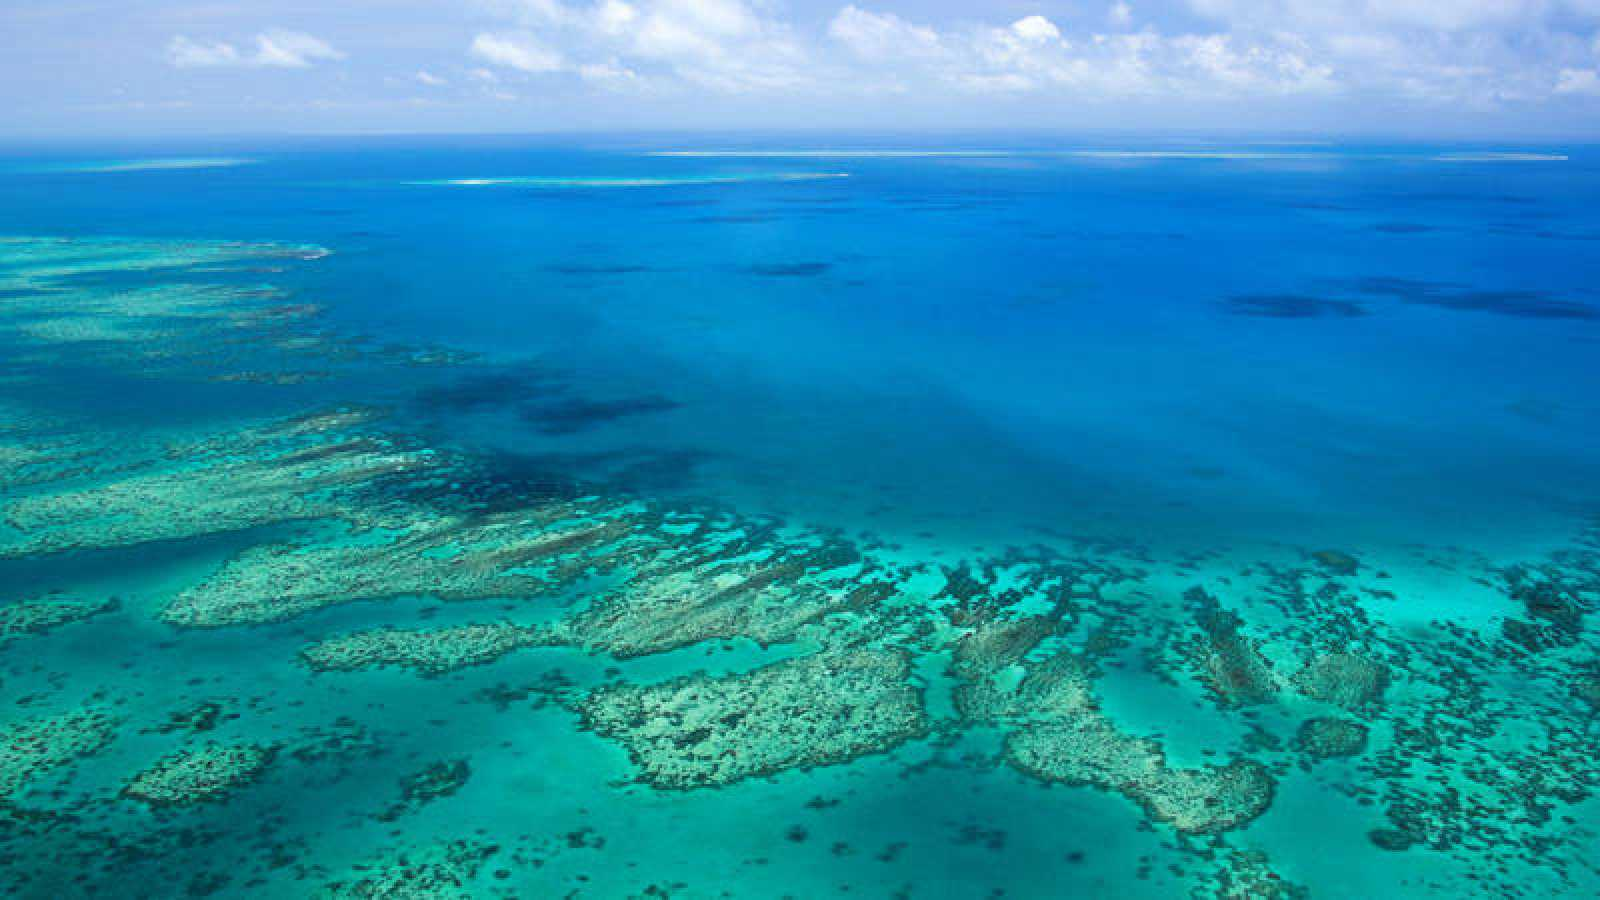 La Gran Barrera de Coral: Supervivencia del cambio climático